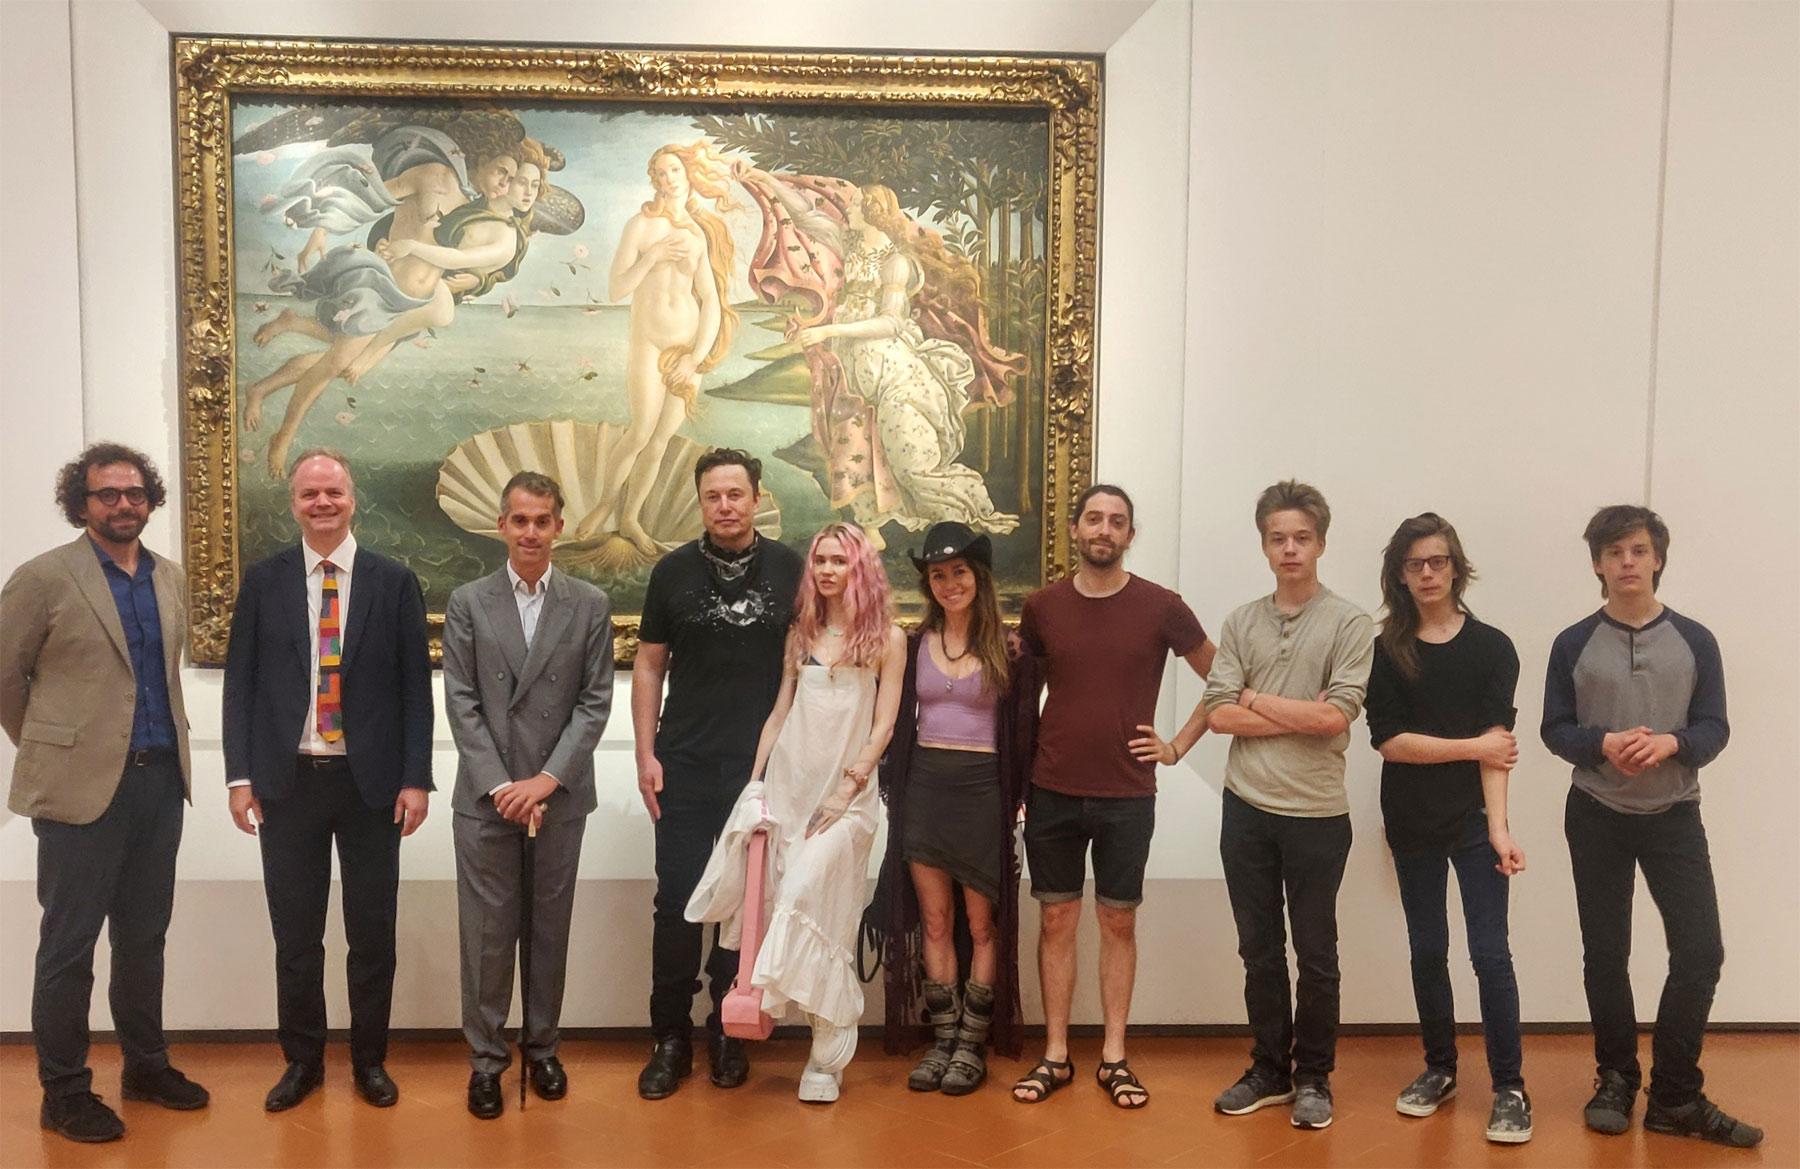 Firenze, il magnate tech Elon Musk visita a sorpresa Palazzo Vecchio e Uffizi